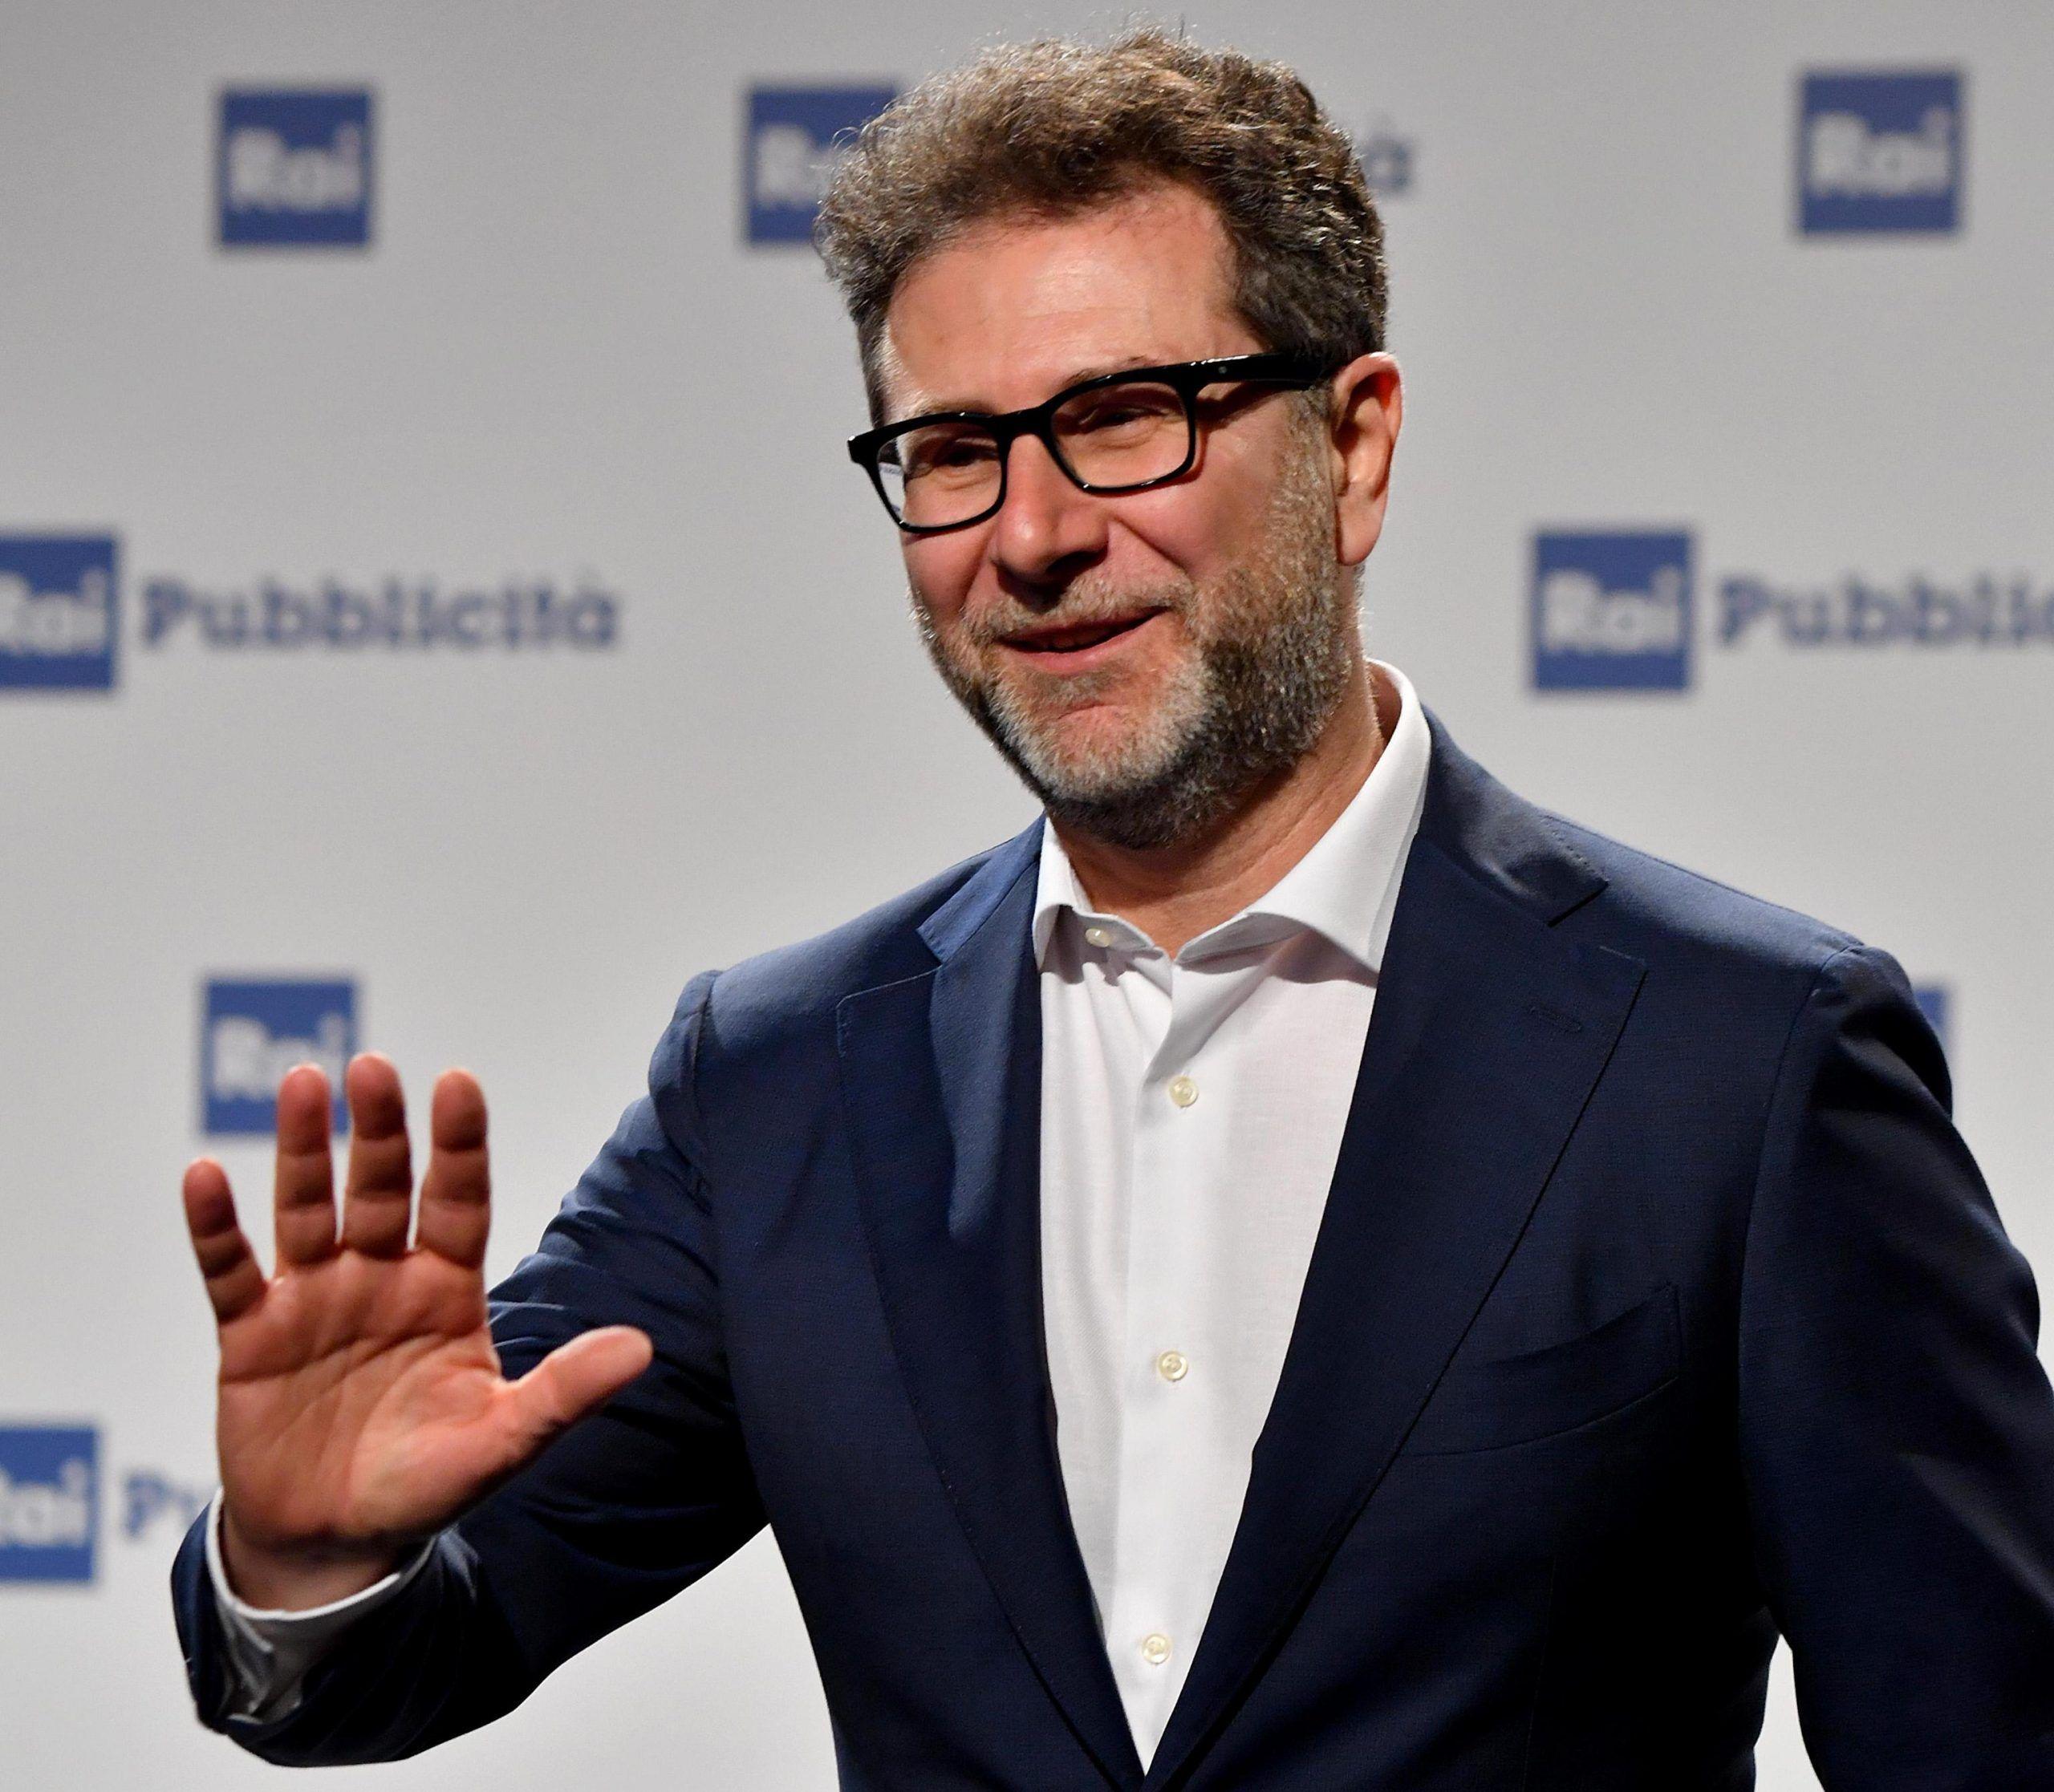 Fabio Fazio: 'Il mio stipendio è alto ma non può diventare una condanna'